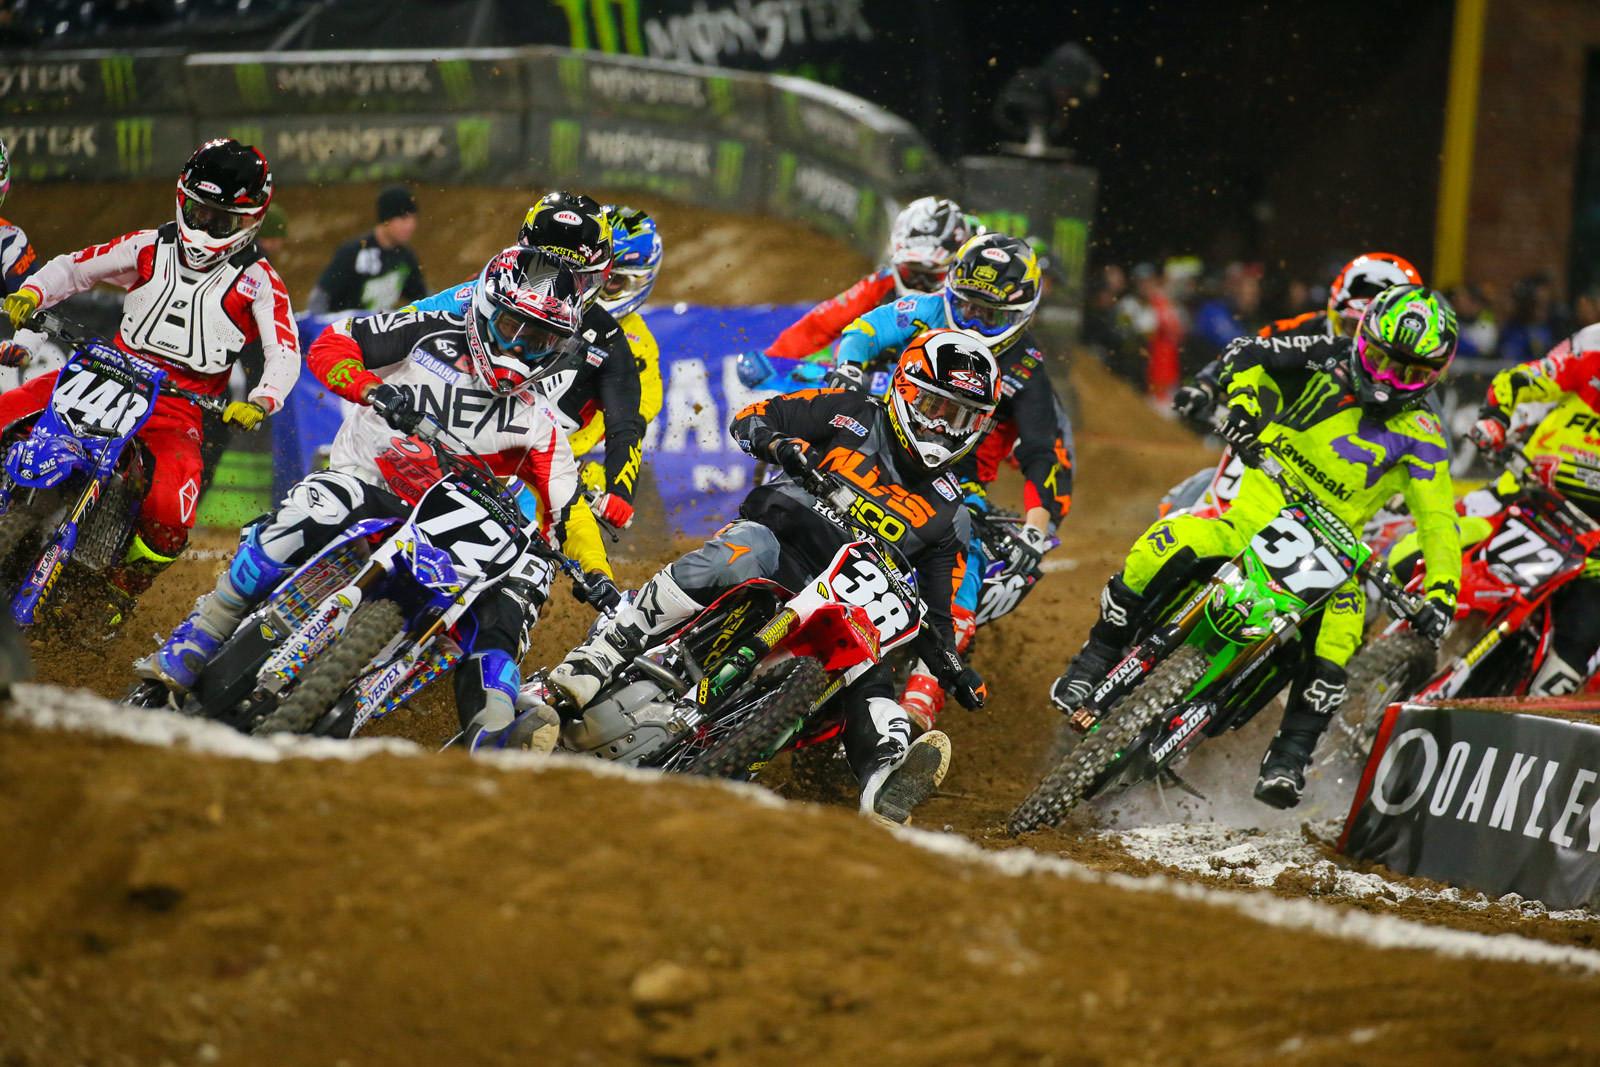 250 Heat 1 Start - Photo Blast: San Diego 1 - Motocross Pictures - Vital MX